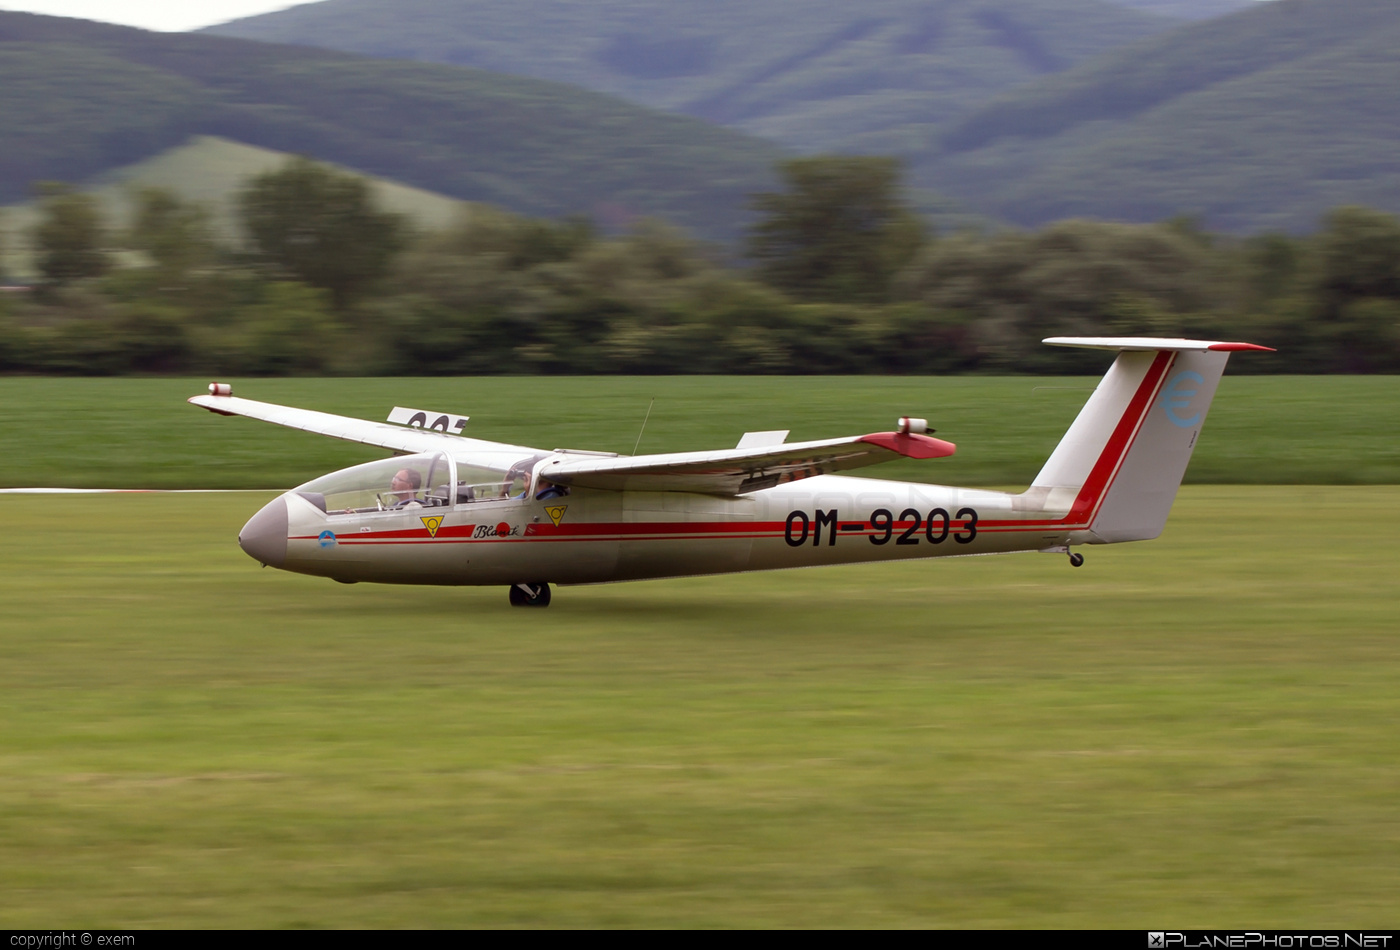 Let L-23 Super Blanik - OM-9203 operated by Slovenský národný aeroklub (Slovak National Aeroclub) #let